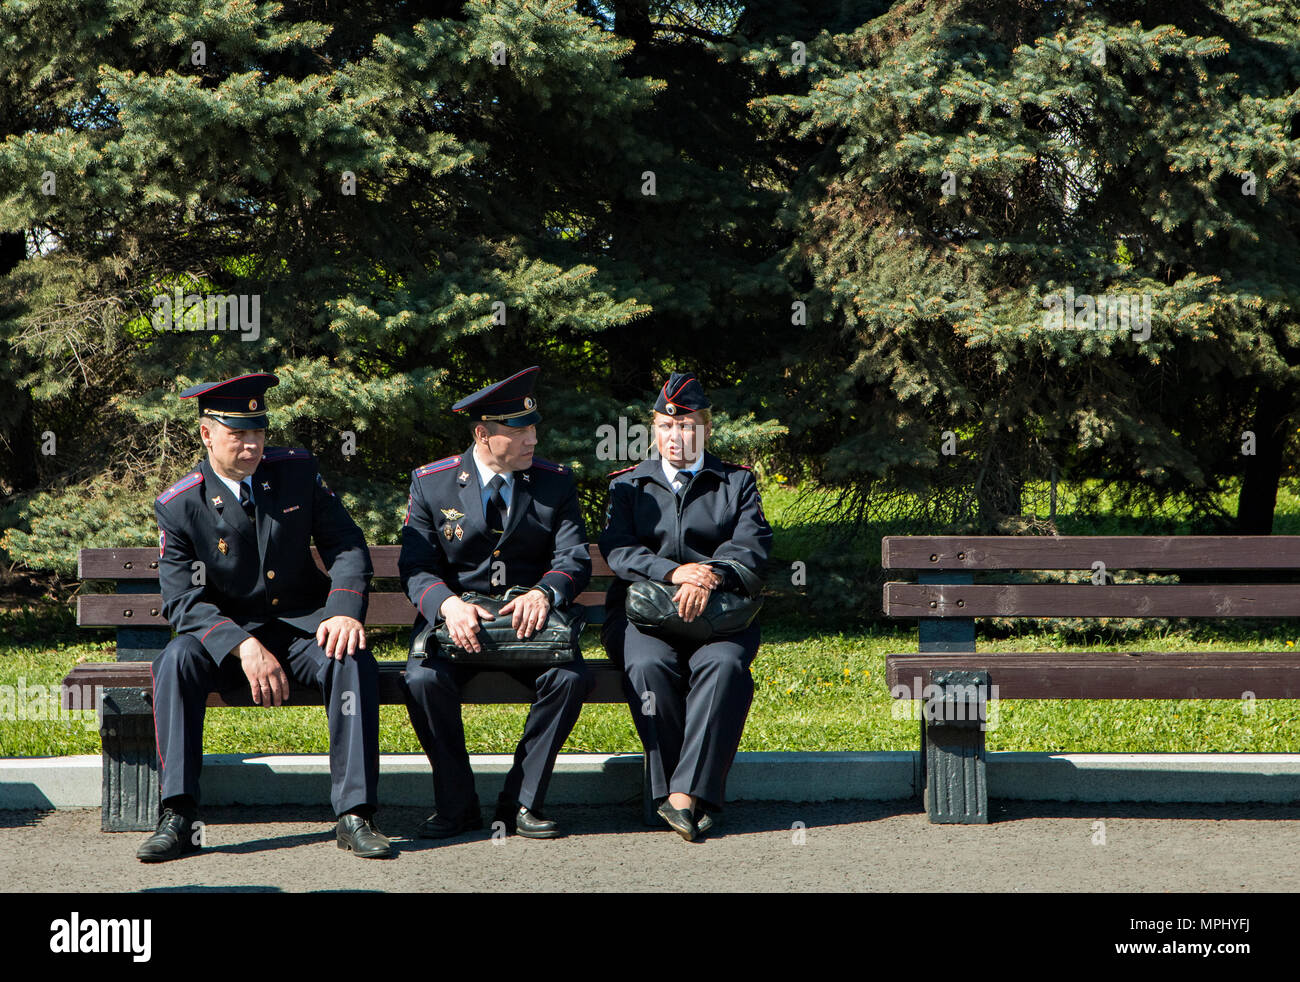 La Russie Moscou, 9 mai 2018: policiers assis sur un banc à sunny day Photo Stock